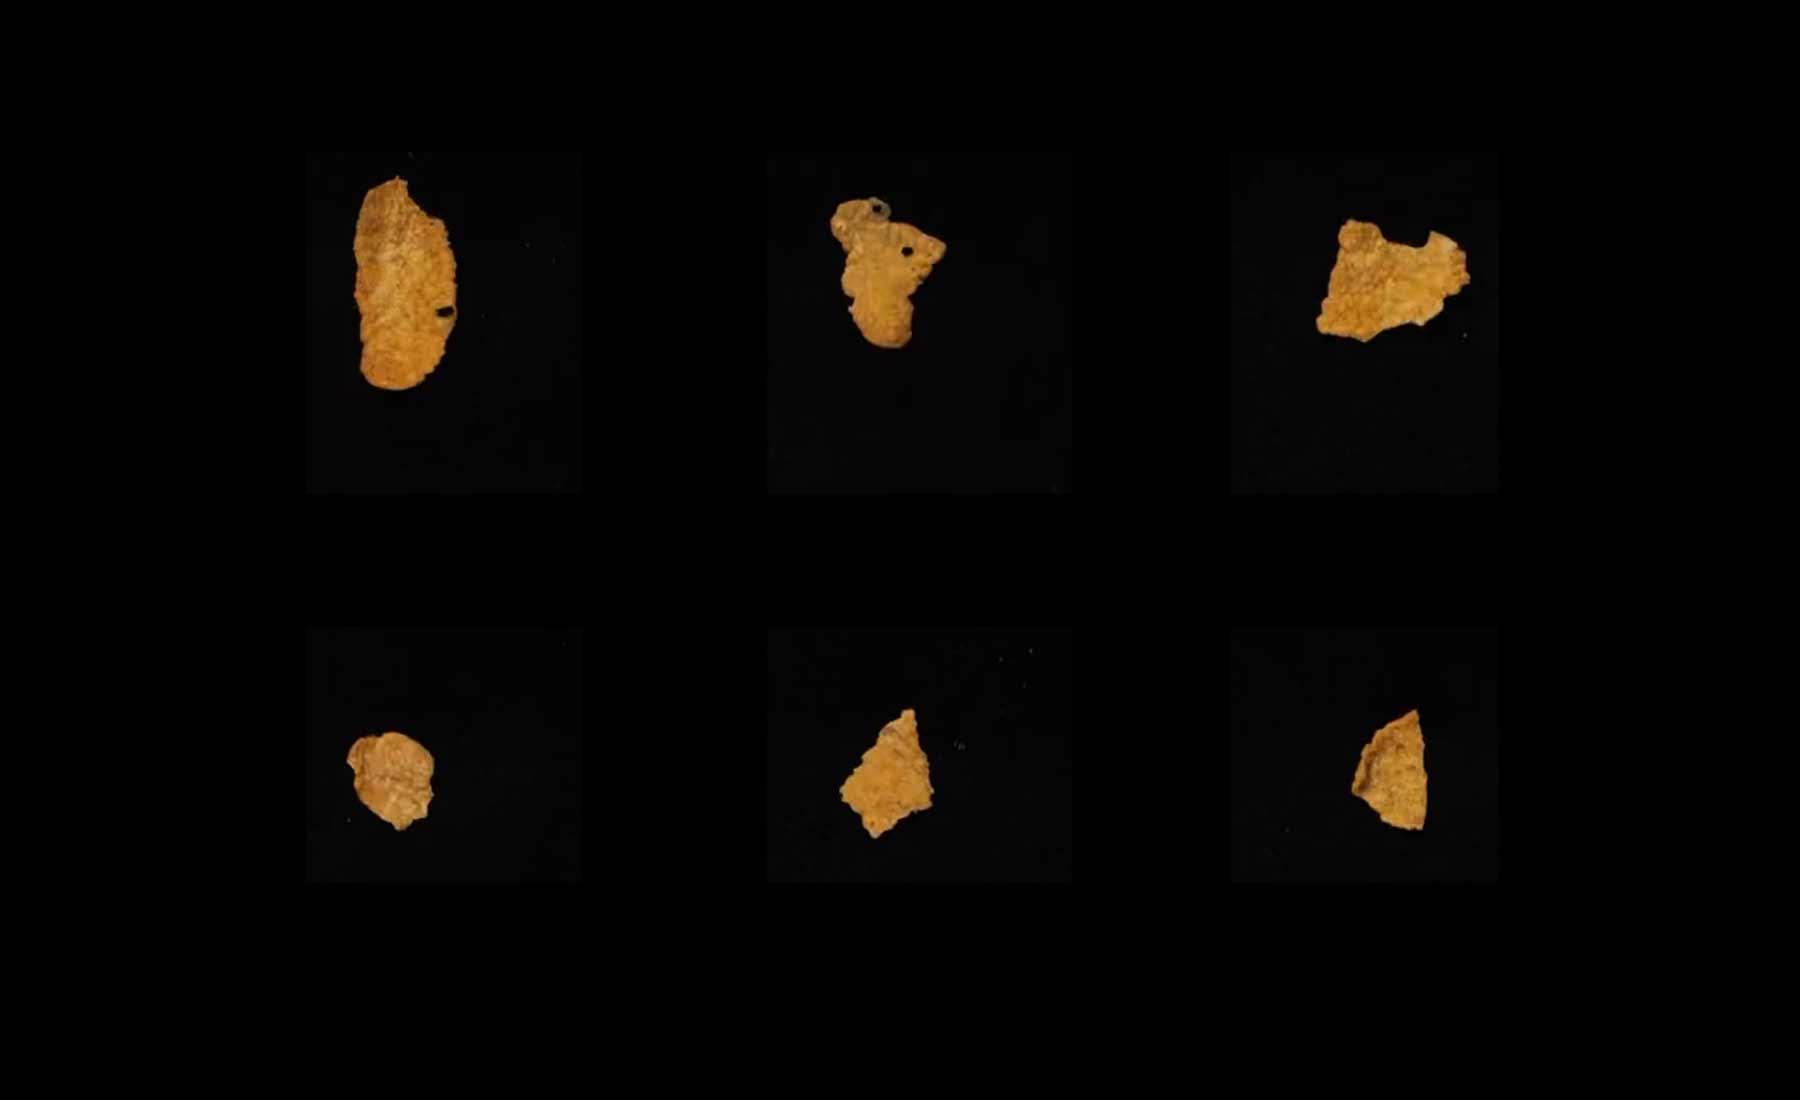 Jedes einzelne Cornflake einer Packung fotografiert Luke-Stephenson-7122-cornflakes-in-a-box